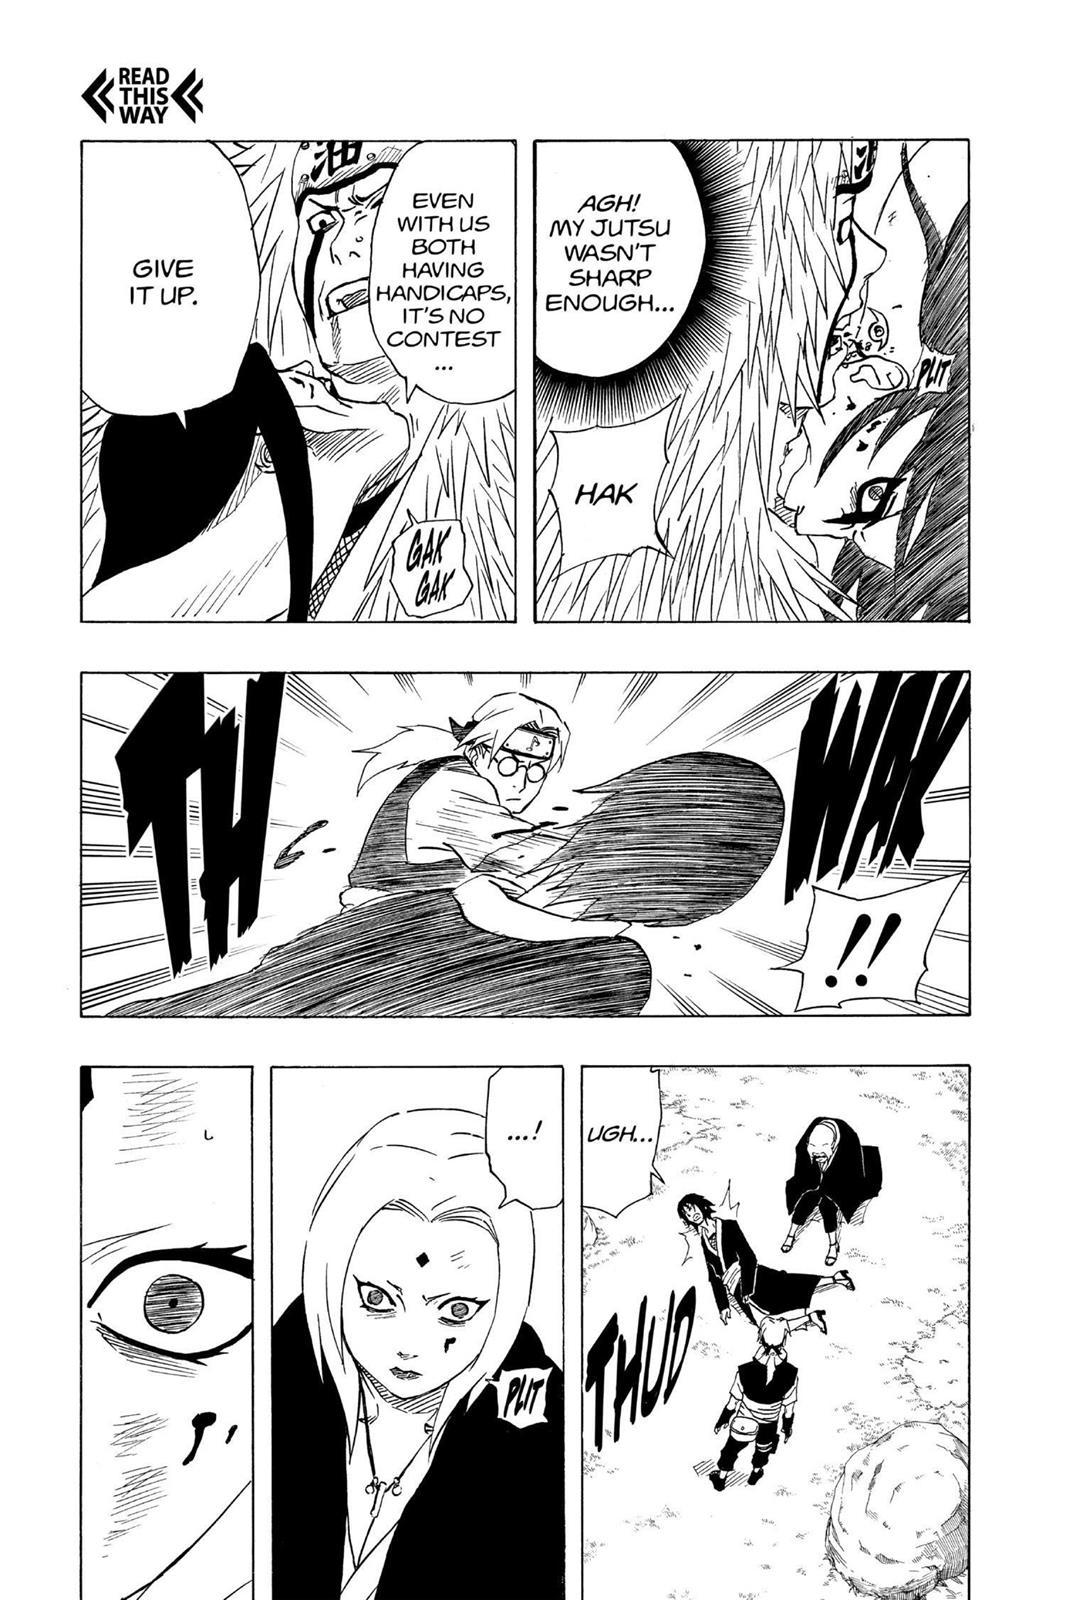 Mais poderoso do que você imagina #1: Orochimaru 0166-013